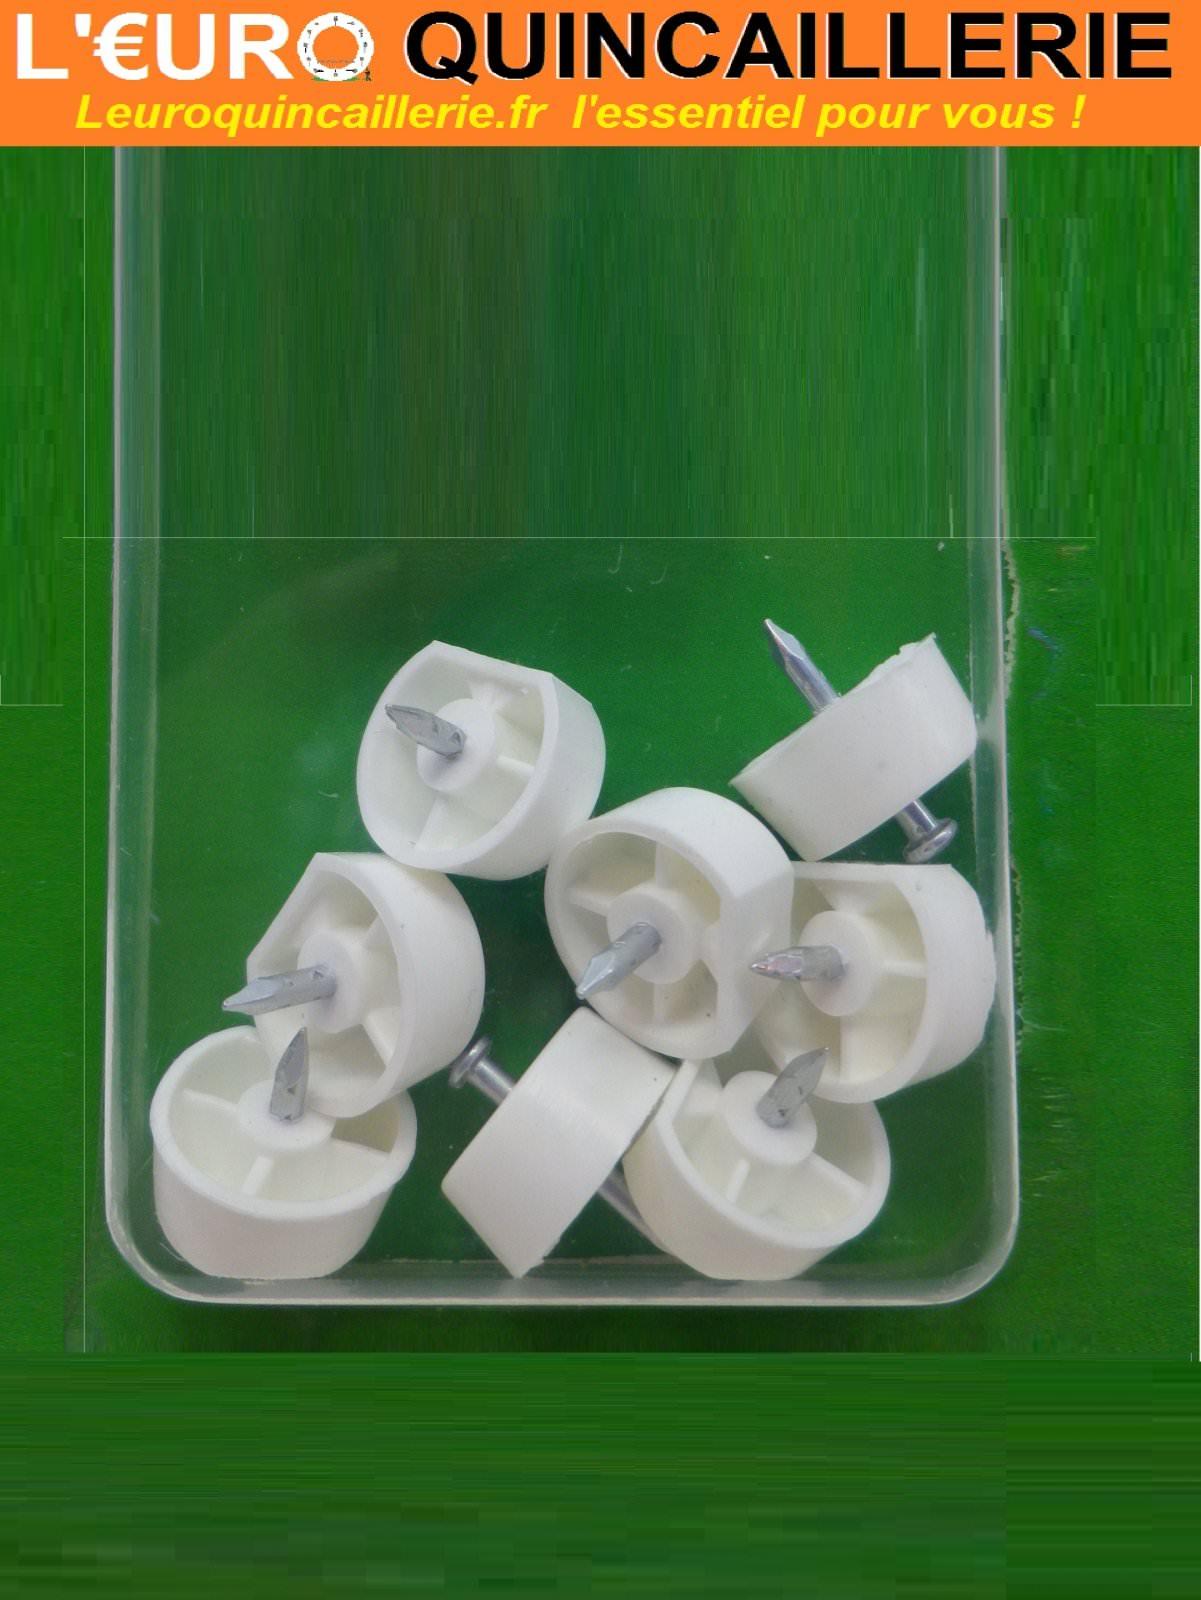 8 Taquets d'étagère à clouer plastique